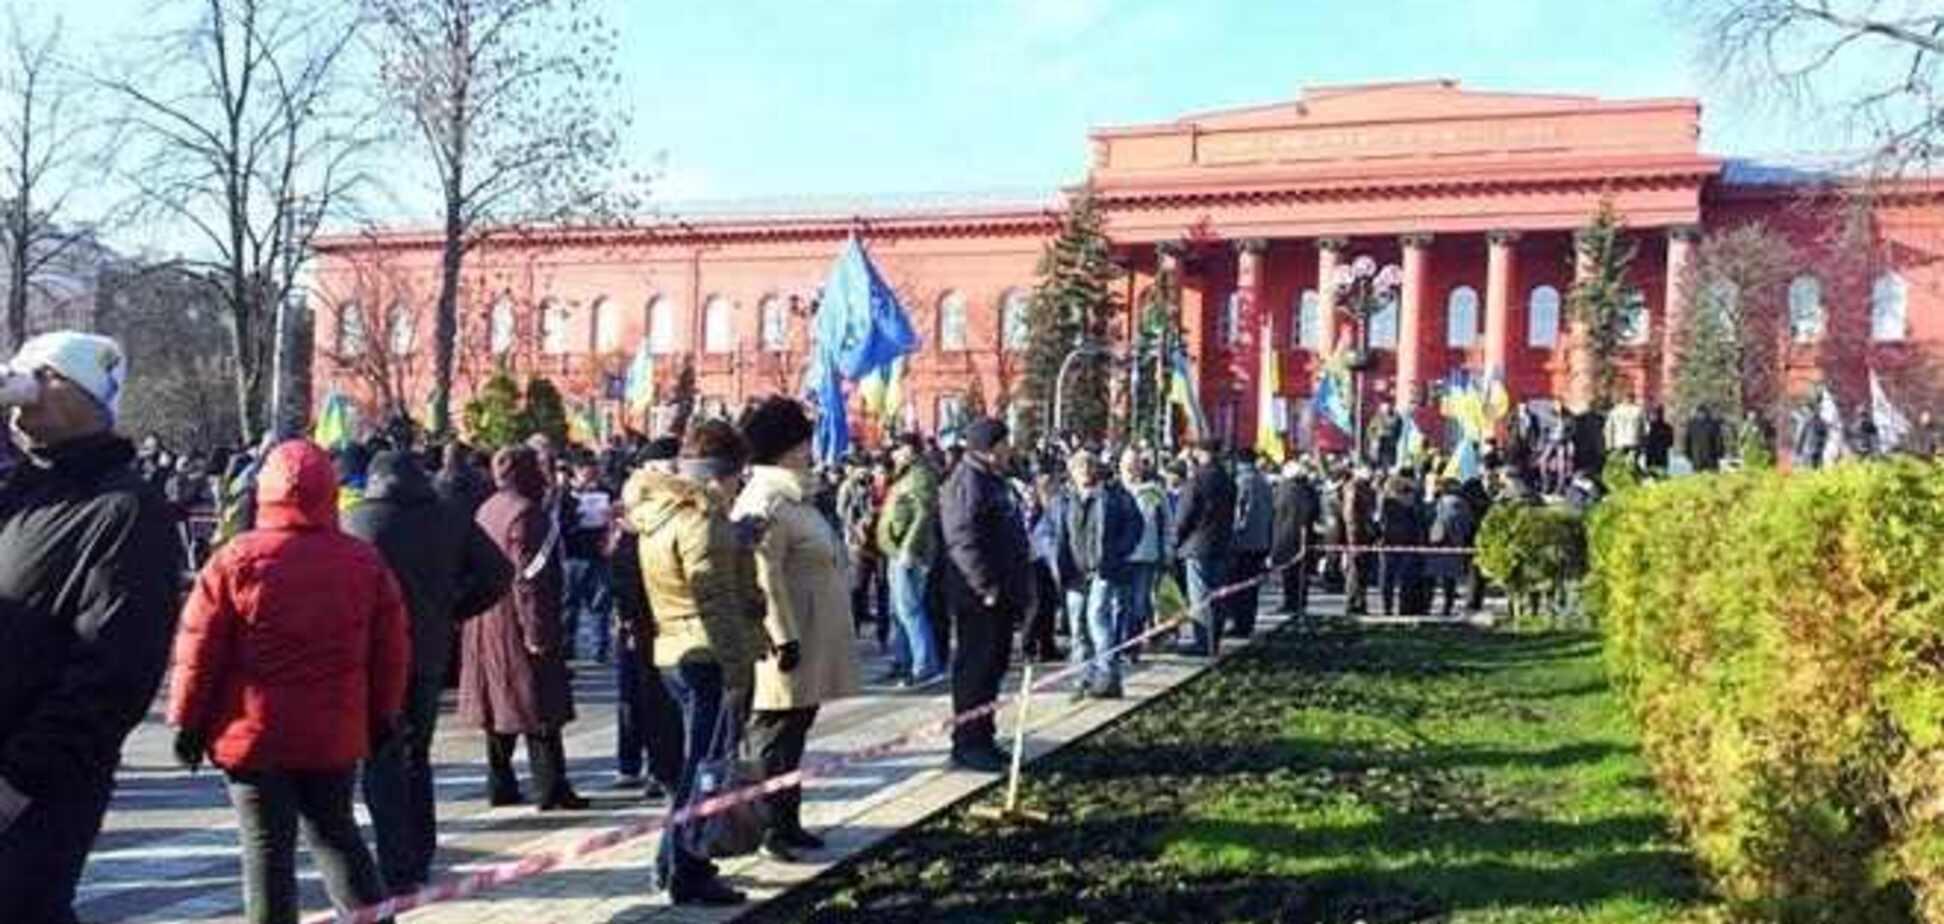 В парке Шевченко на митинг собрались около 10 тыс. человек